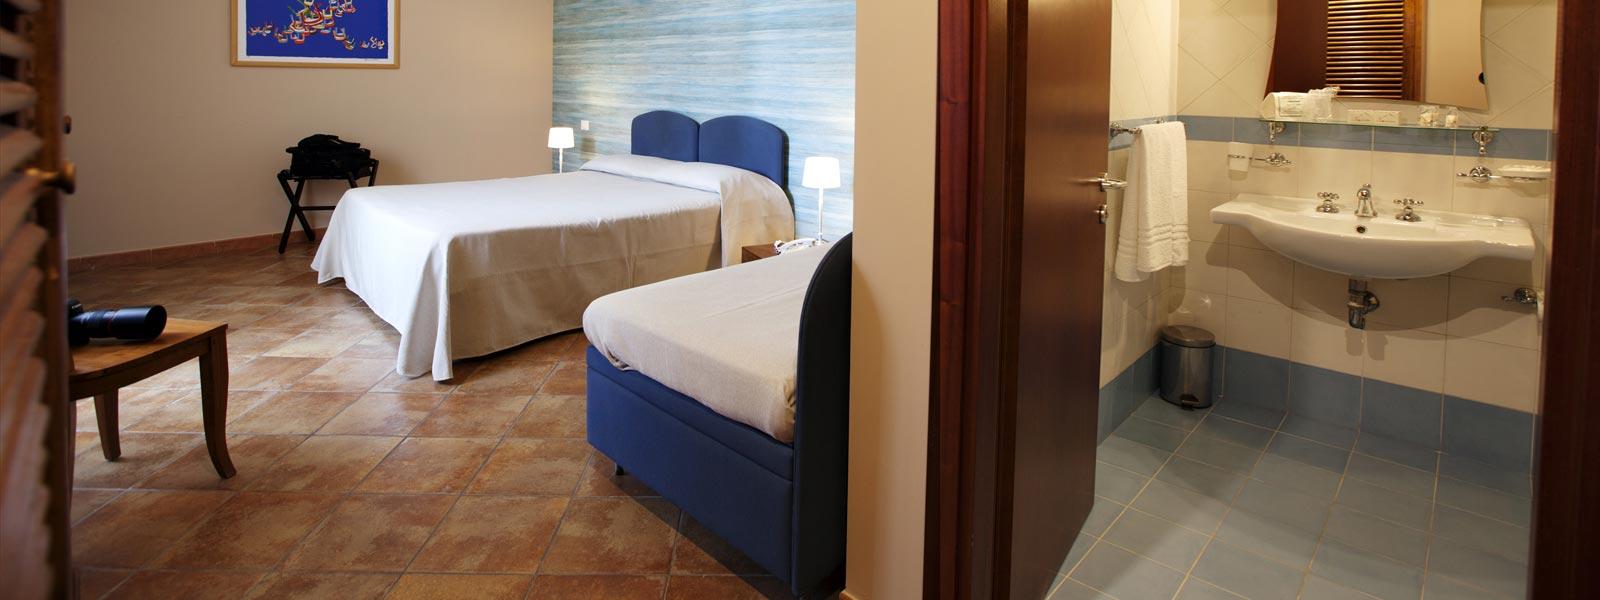 Favignana_Hotel_Isole-Egadi-8061